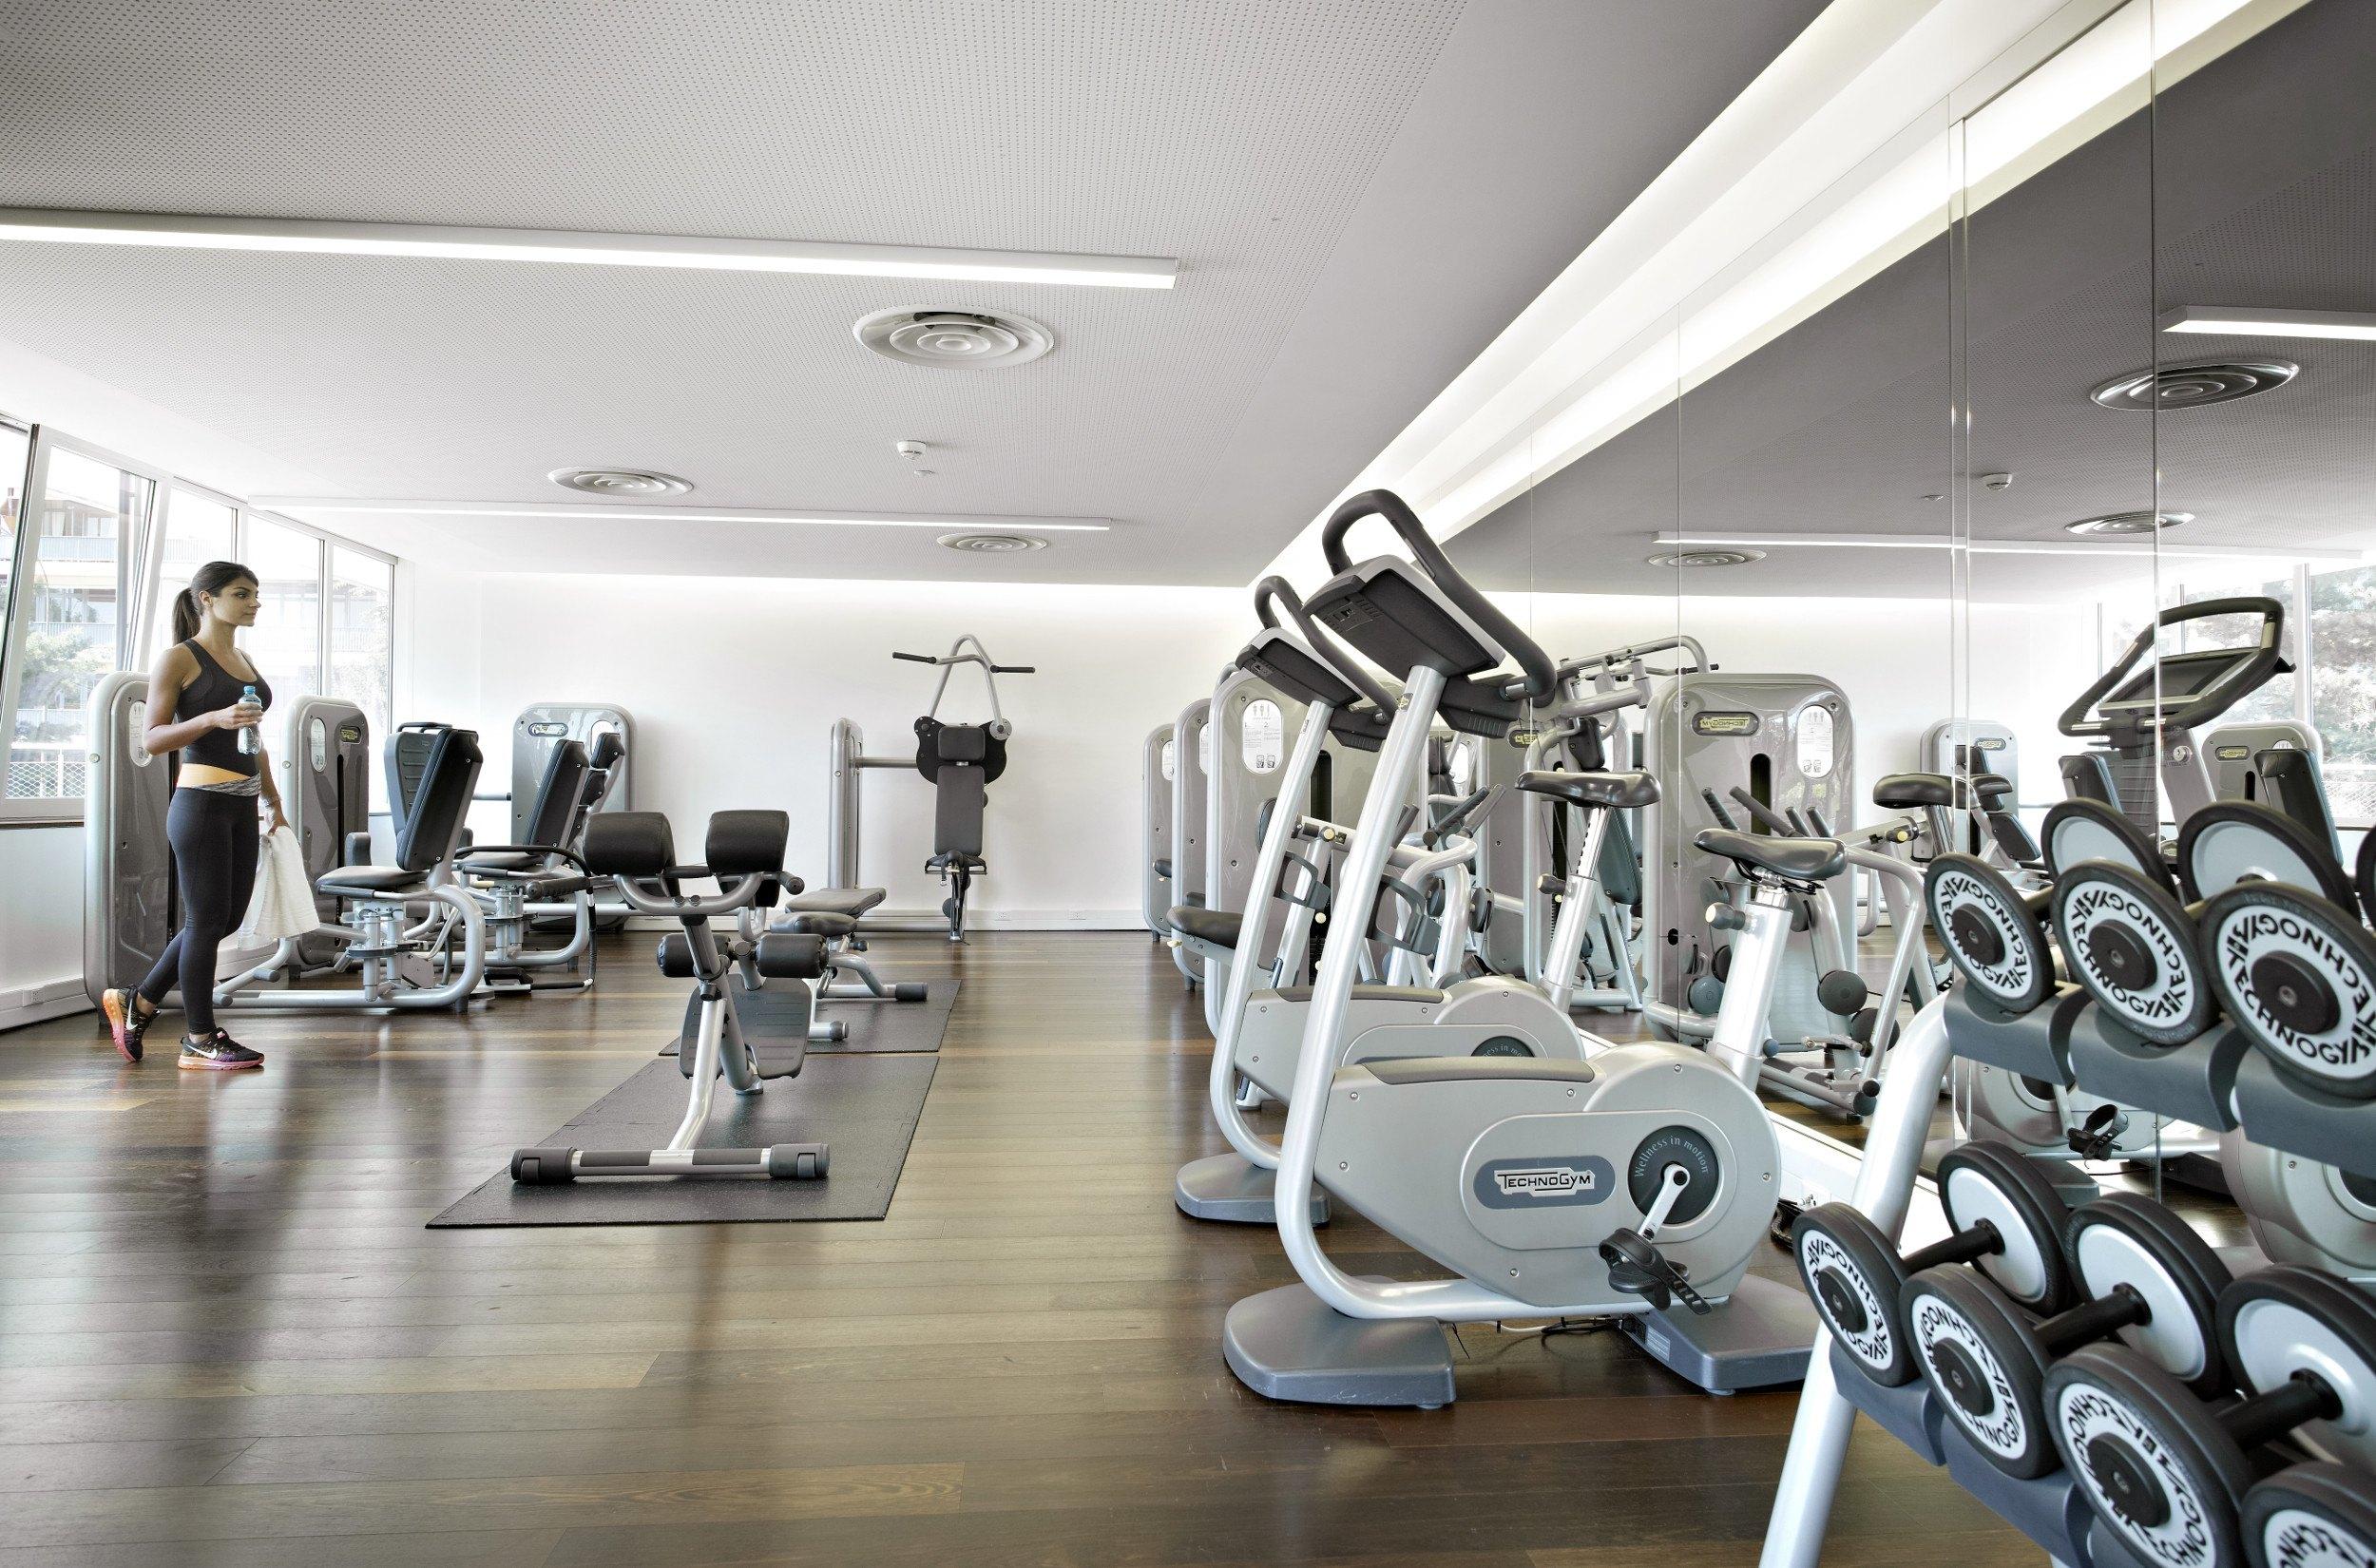 InterContinental-Geneva-Hotel-Spa-SpabyClarins-ludovicdiorio